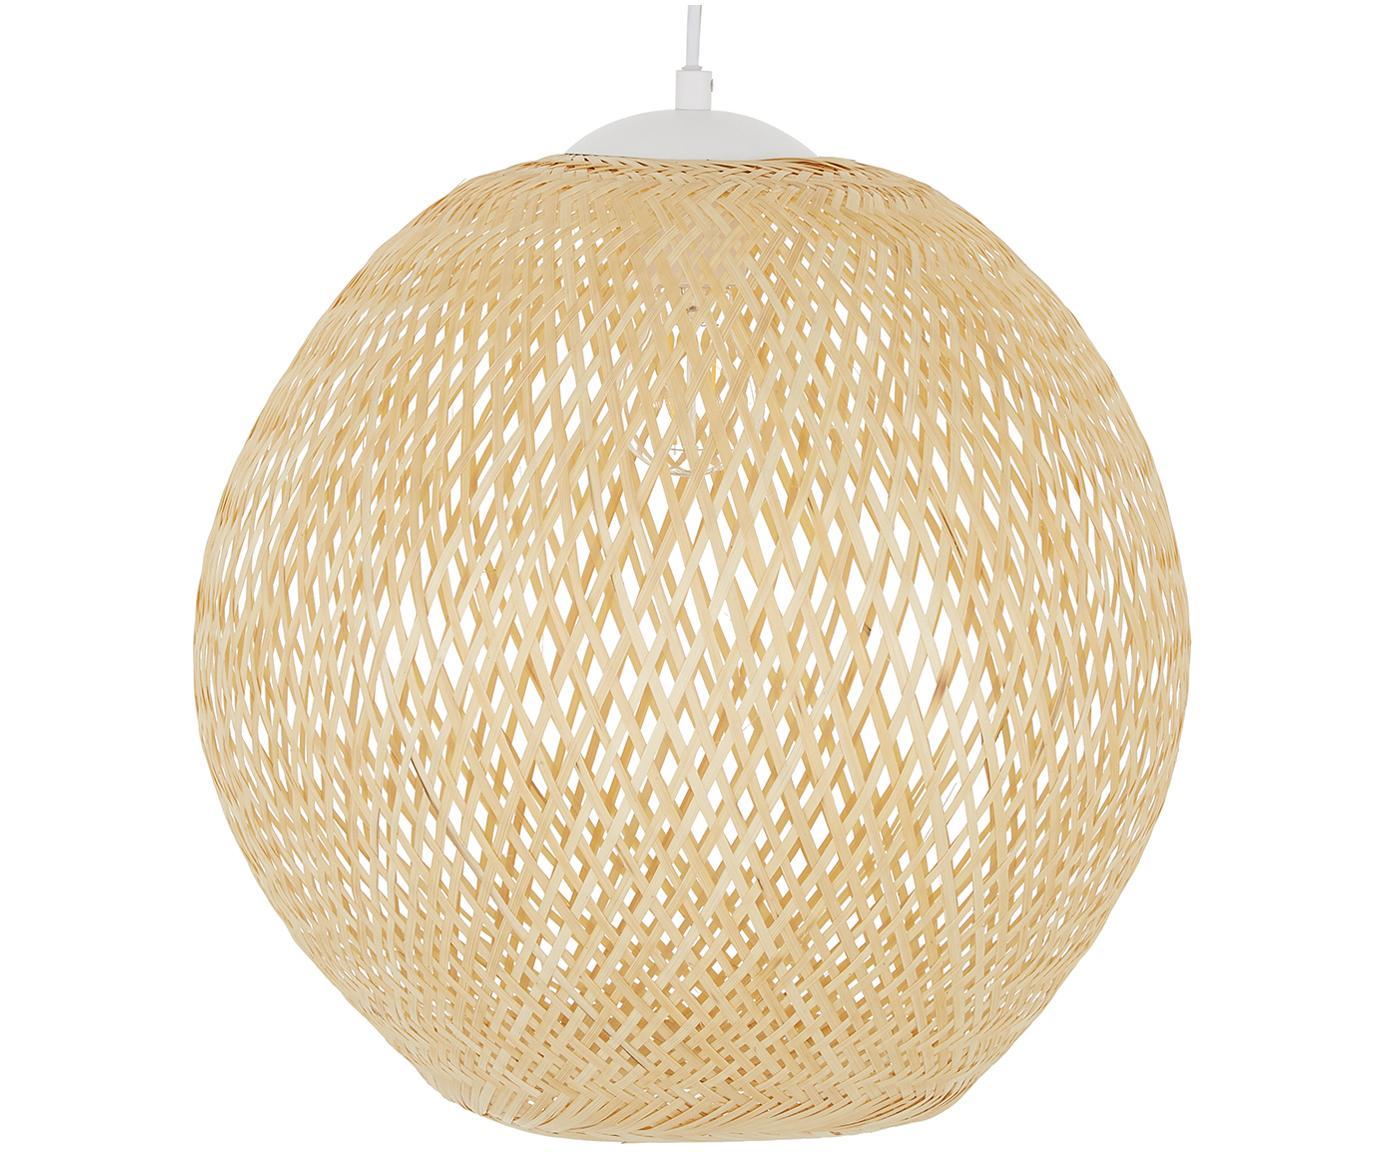 Hanglamp Jess, Lampenkap: bamboehout, Lampenkap: bamboe Baldakijn en lampframe: mat wit Snoer: wit, Ø 40 x H 39 cm